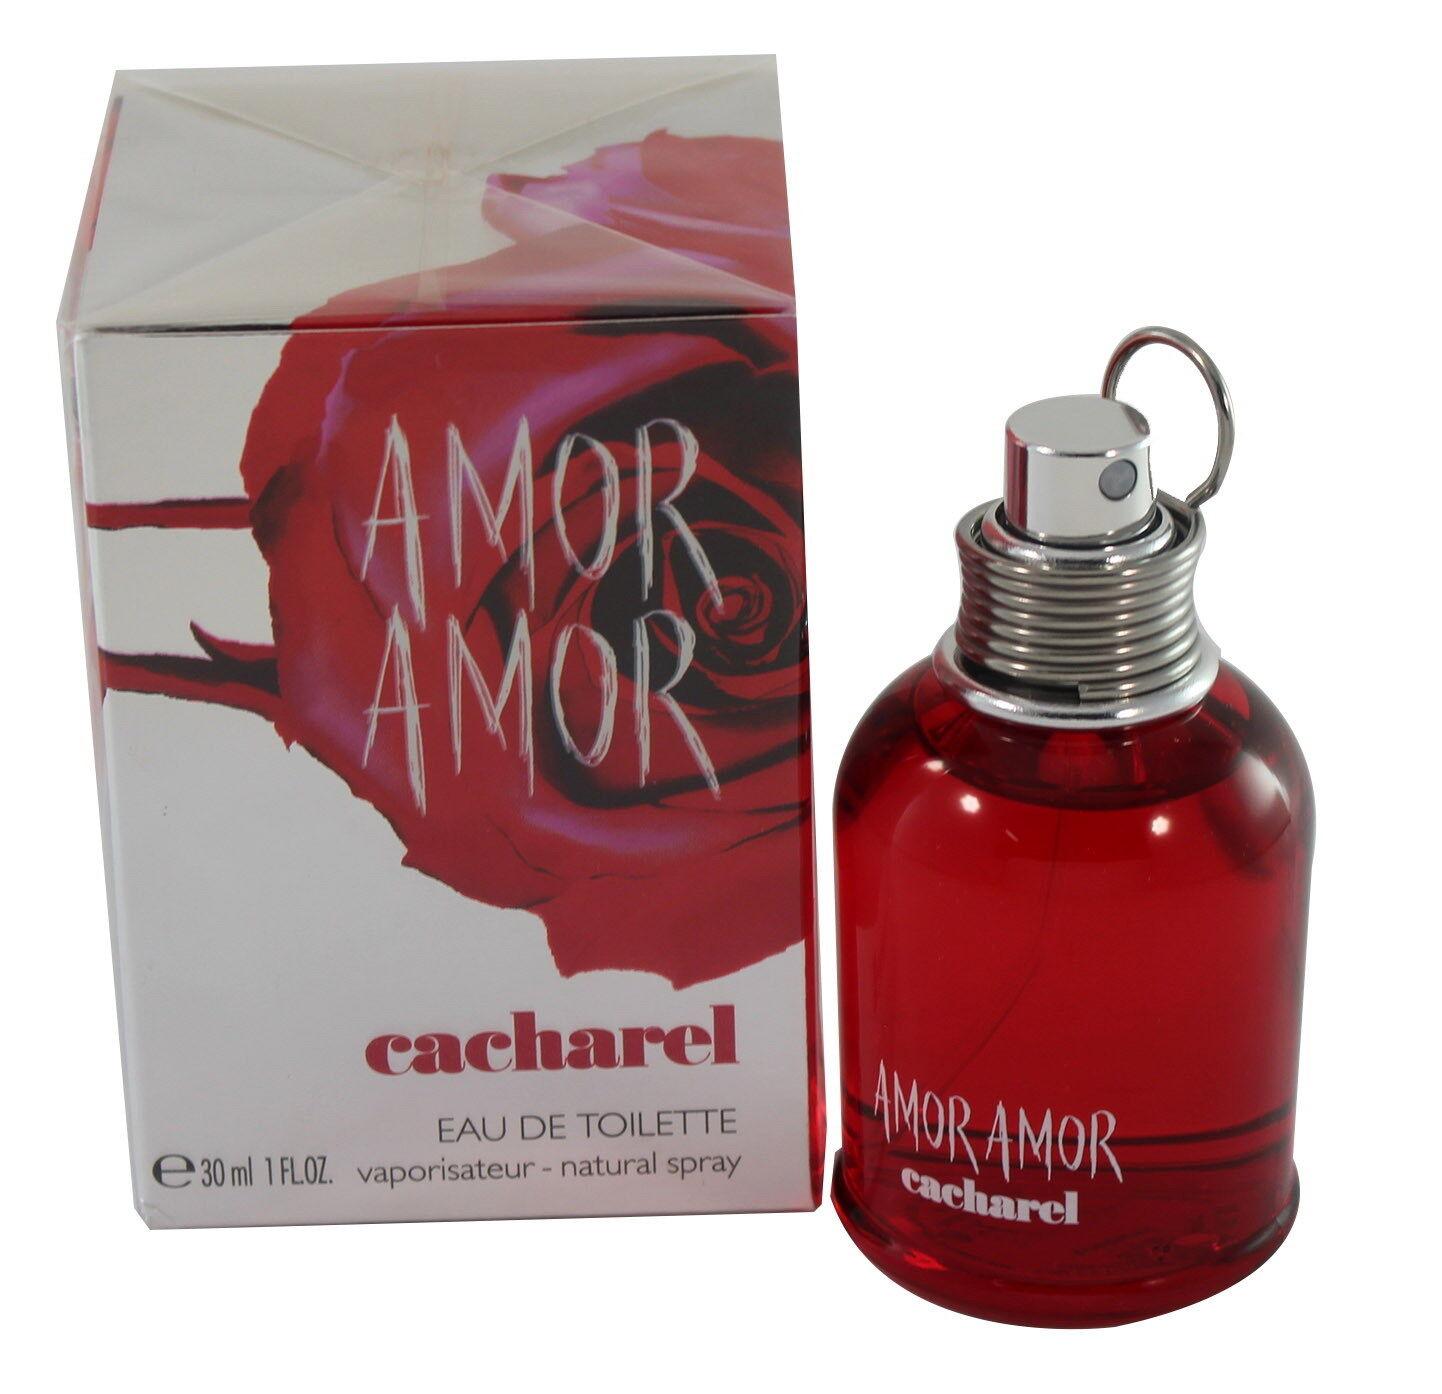 4262a706d0 New/.amor Amor by Cacharel Eau De Toilette Spray 1 FL Oz for sale ...